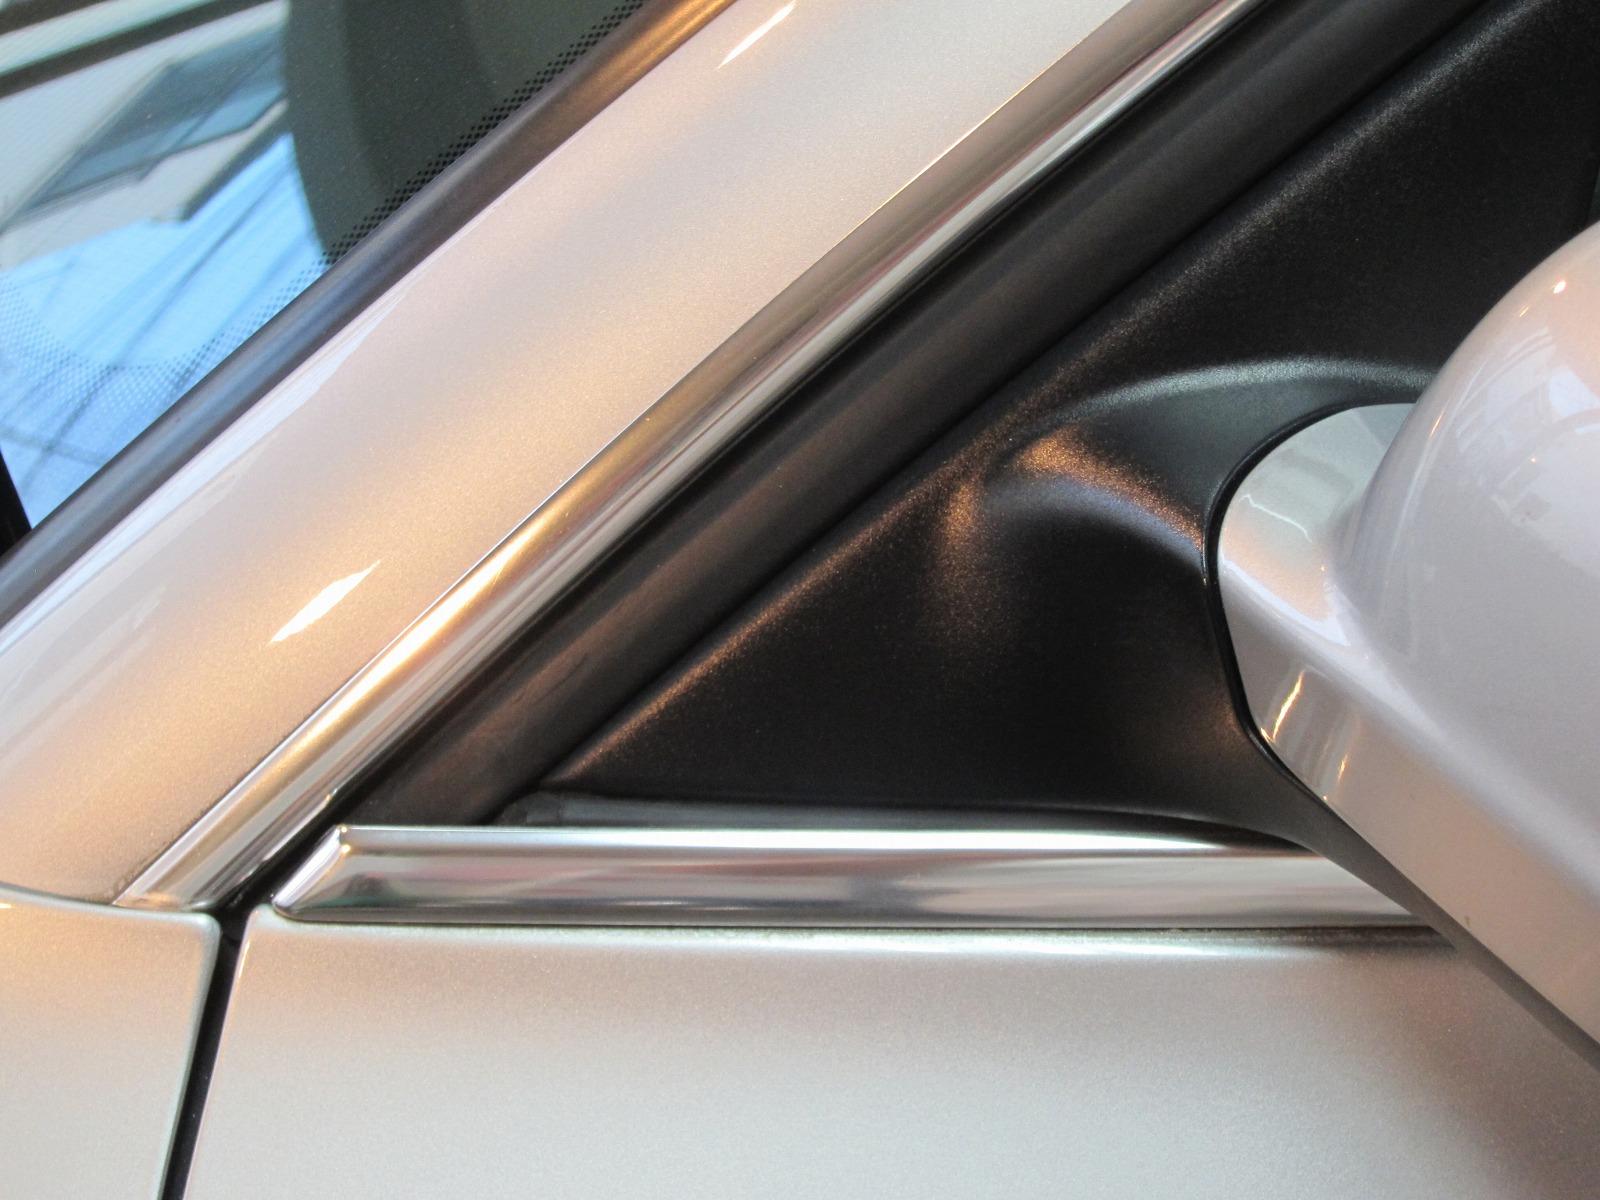 20130815-volkswagen-passart-15